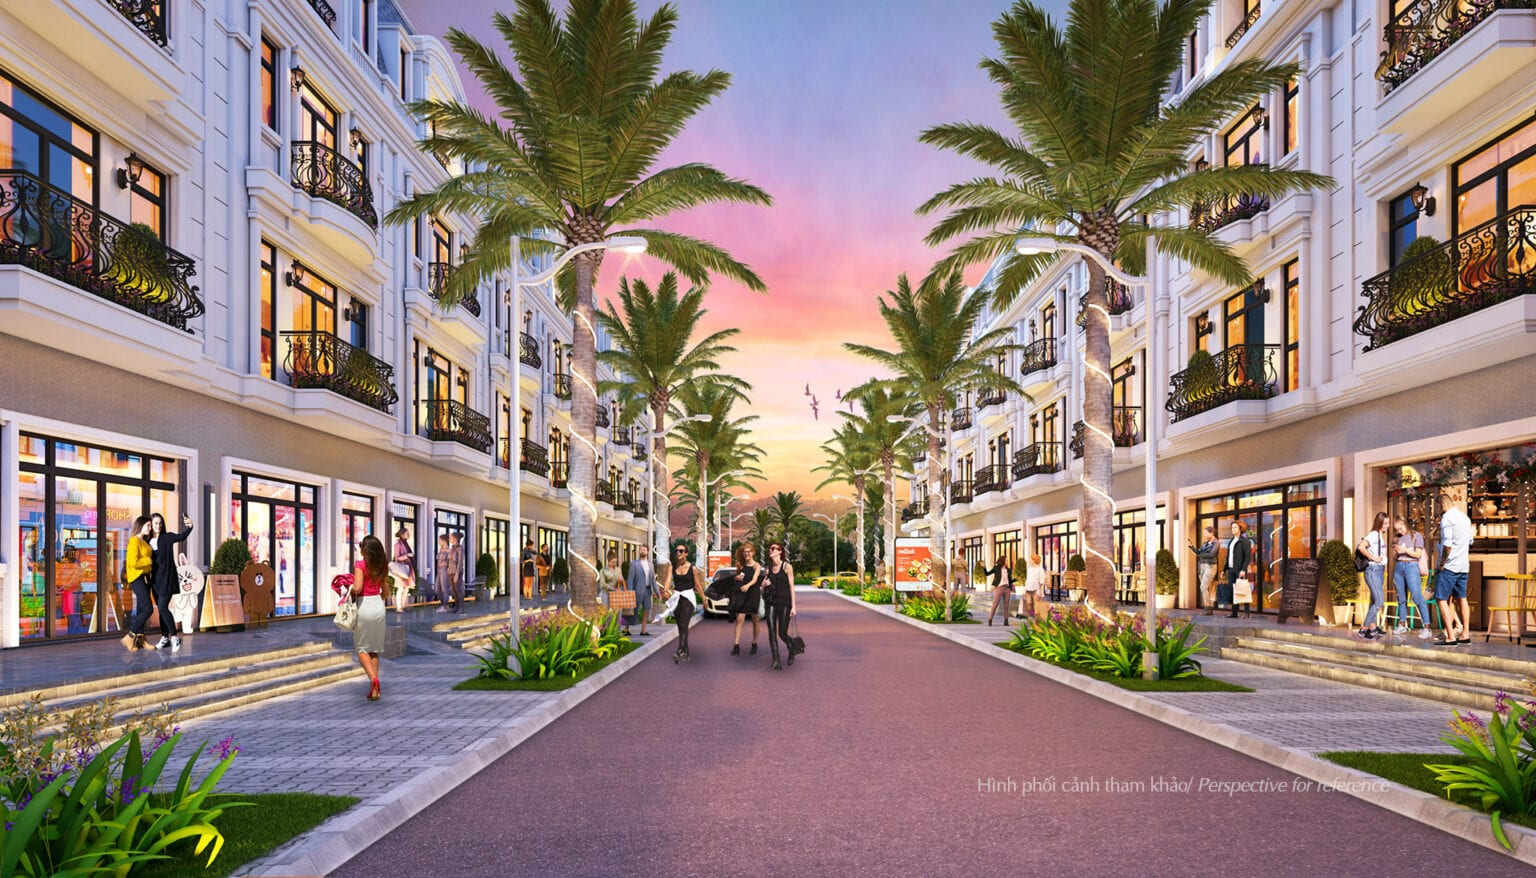 Tuyến đường số 1 sẽ được trồng cây chà là, tạo sự sang trọng, ấn tượng cho Amelie Villa ngay từ lối vào và giúp các căn nhà phố SH ở đây cũng trở lên sang trọng có thể đáp ứng nhu cầu kinh doanh.